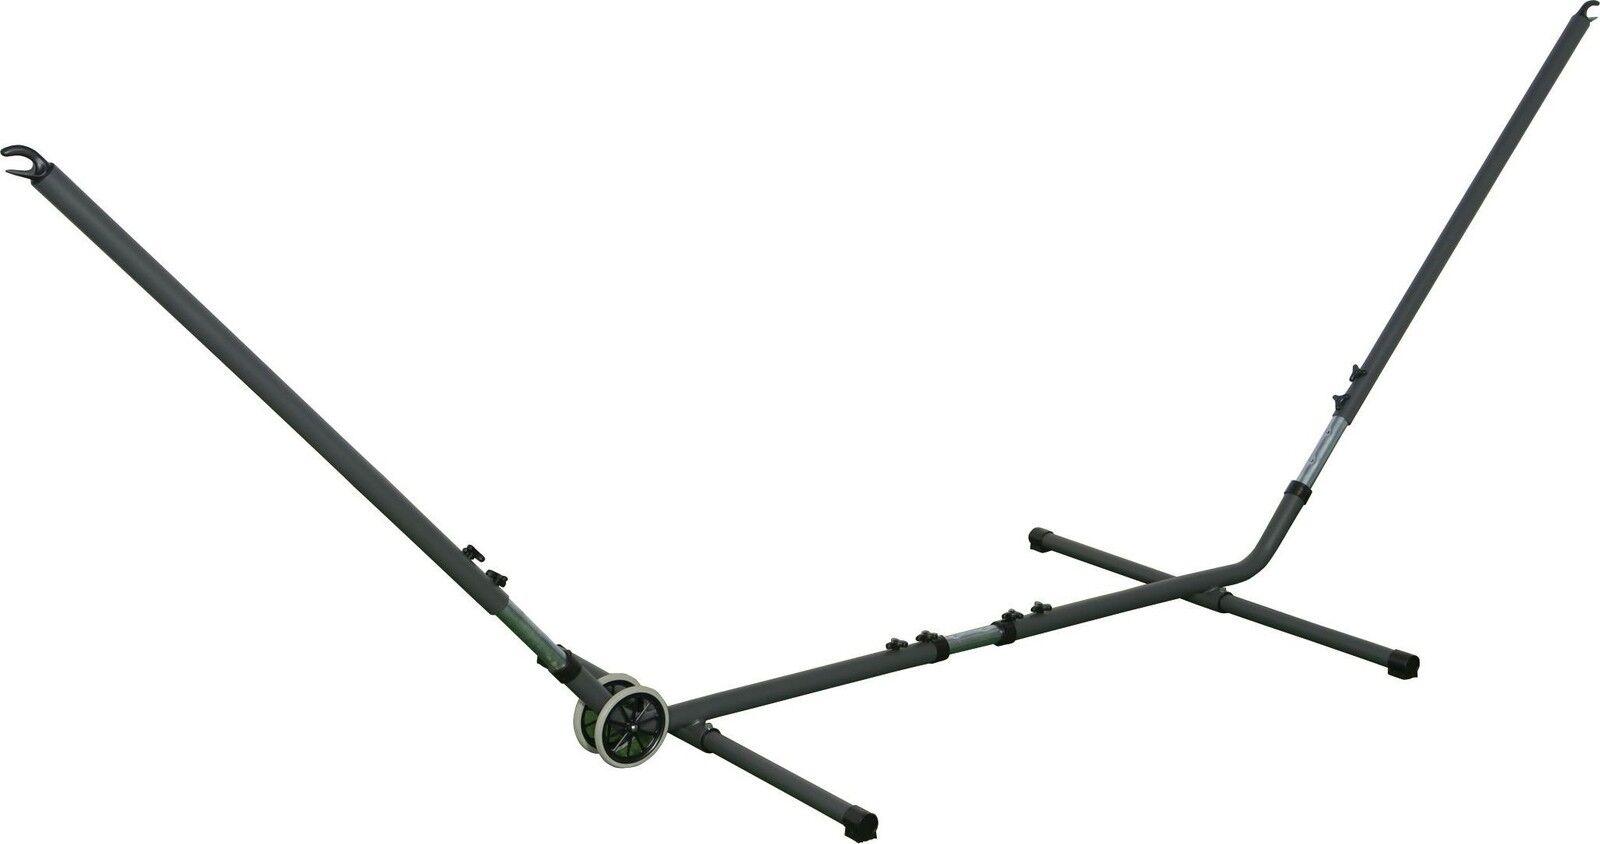 Jo Hängemattengestell Ständer für für für Hängematten Hängemattenständer Gestell Metall d2fb95